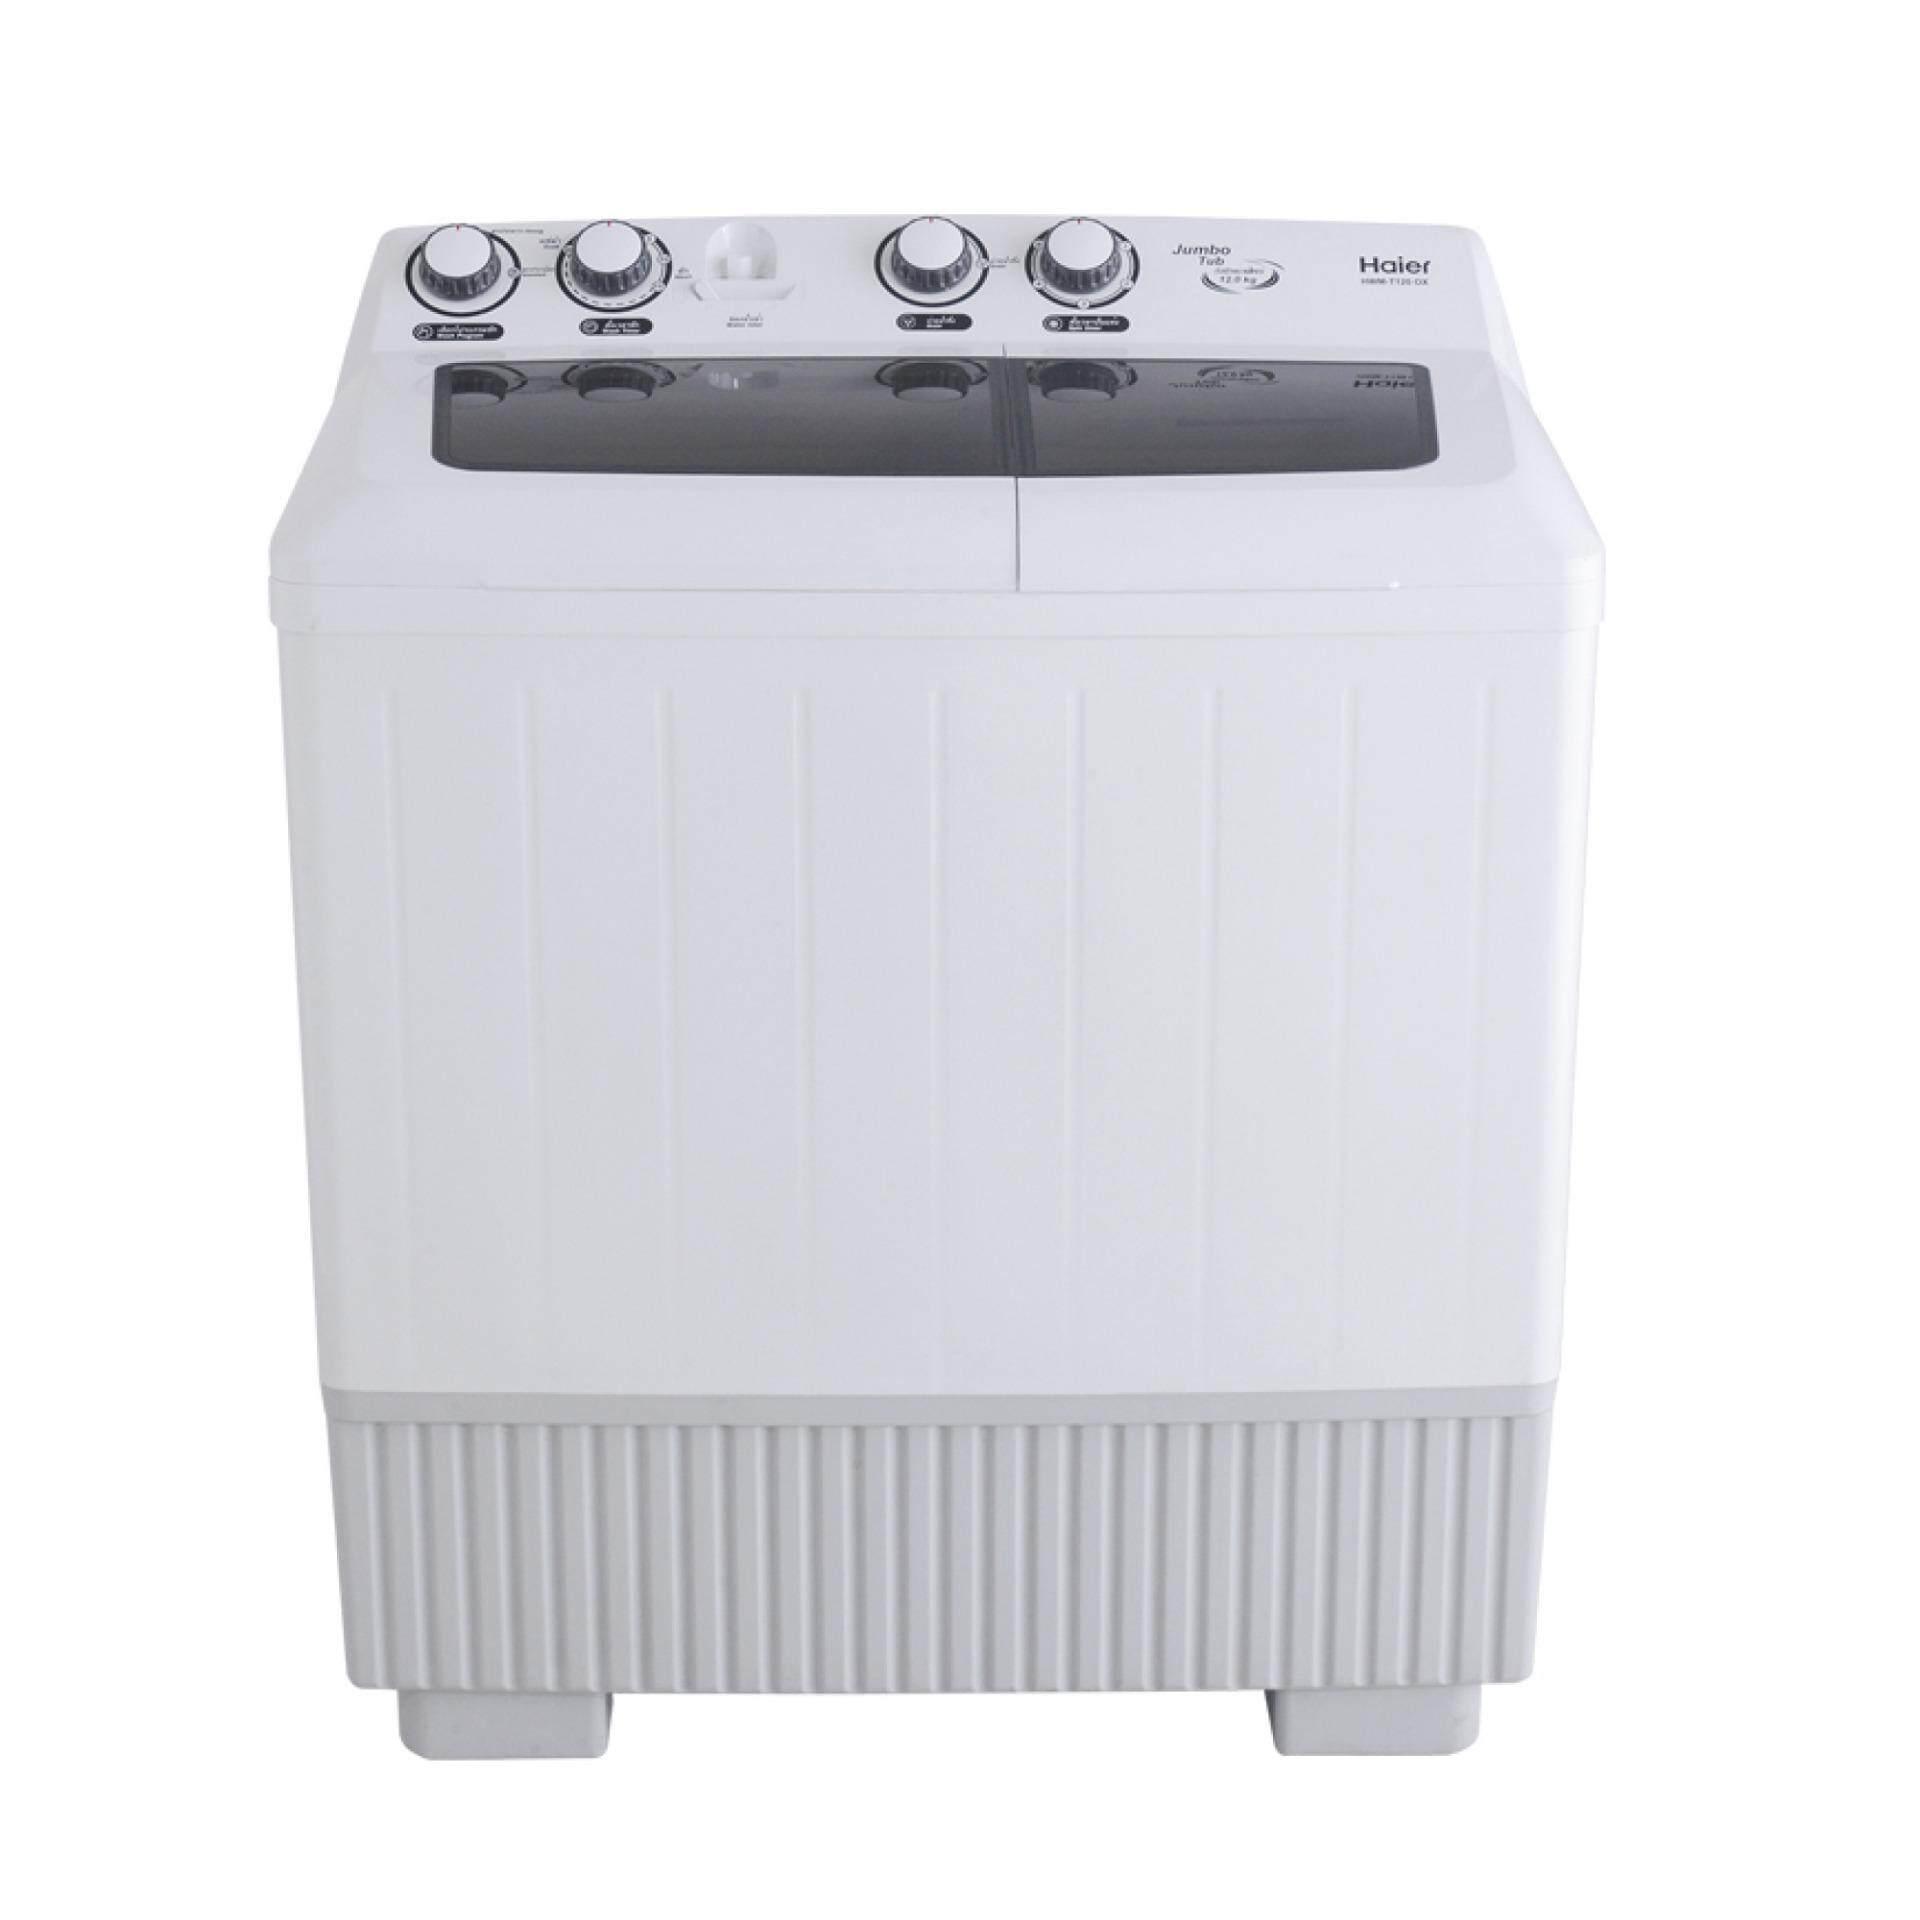 คูปอง ส่วนลด เมื่อซื้อ เครื่องซักผ้า แอลจี ลดราคา -23% LG เครื่องซักผ้าฝาหน้า ระบบ Inverter Direct Drive ความจุซัก 8 กก. รุ่น FM1208N6W ของดีต้องบอกต่อ